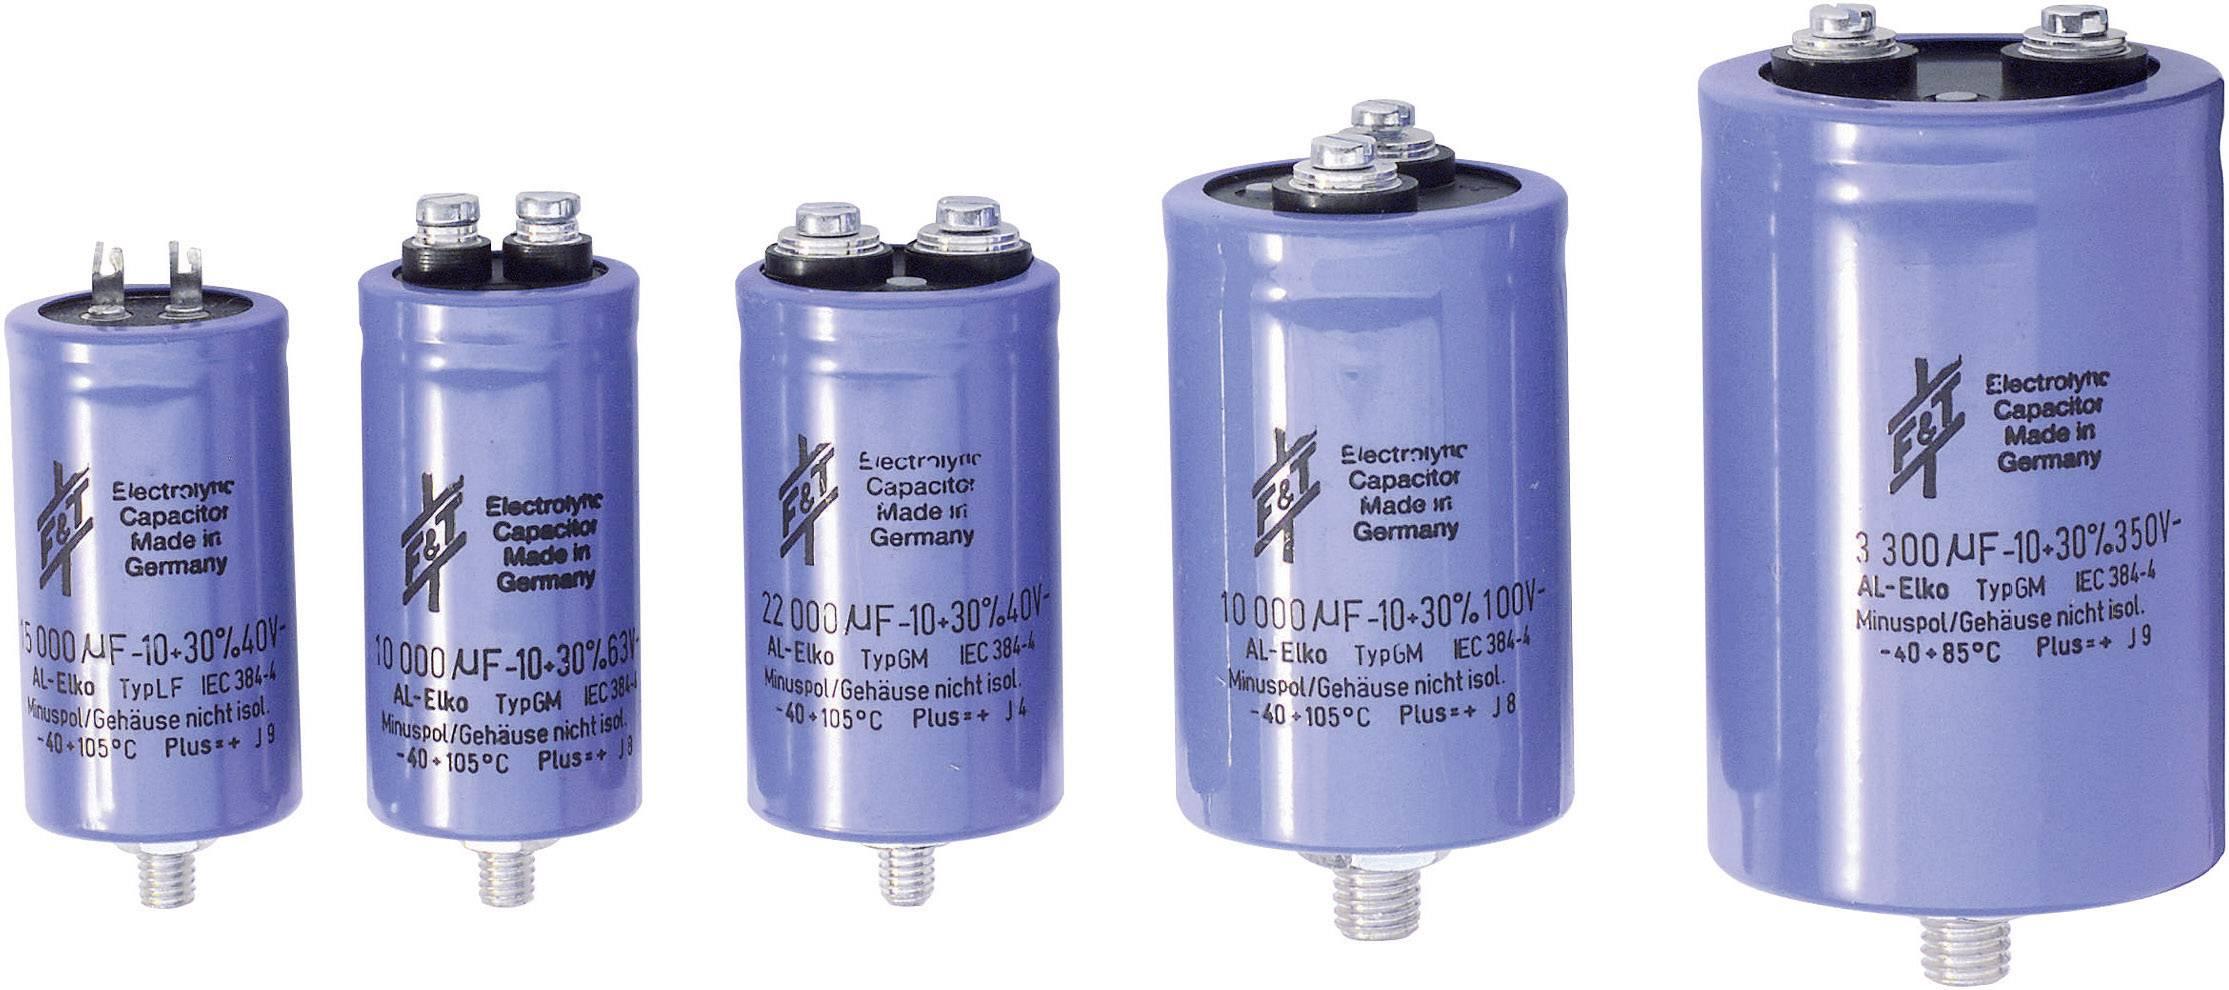 Elektrolytický kondenzátor FTCAP GMB22304040070, skrutkový kontaktný prvok, 22000 µF, 40 V, 30 %, 1 ks